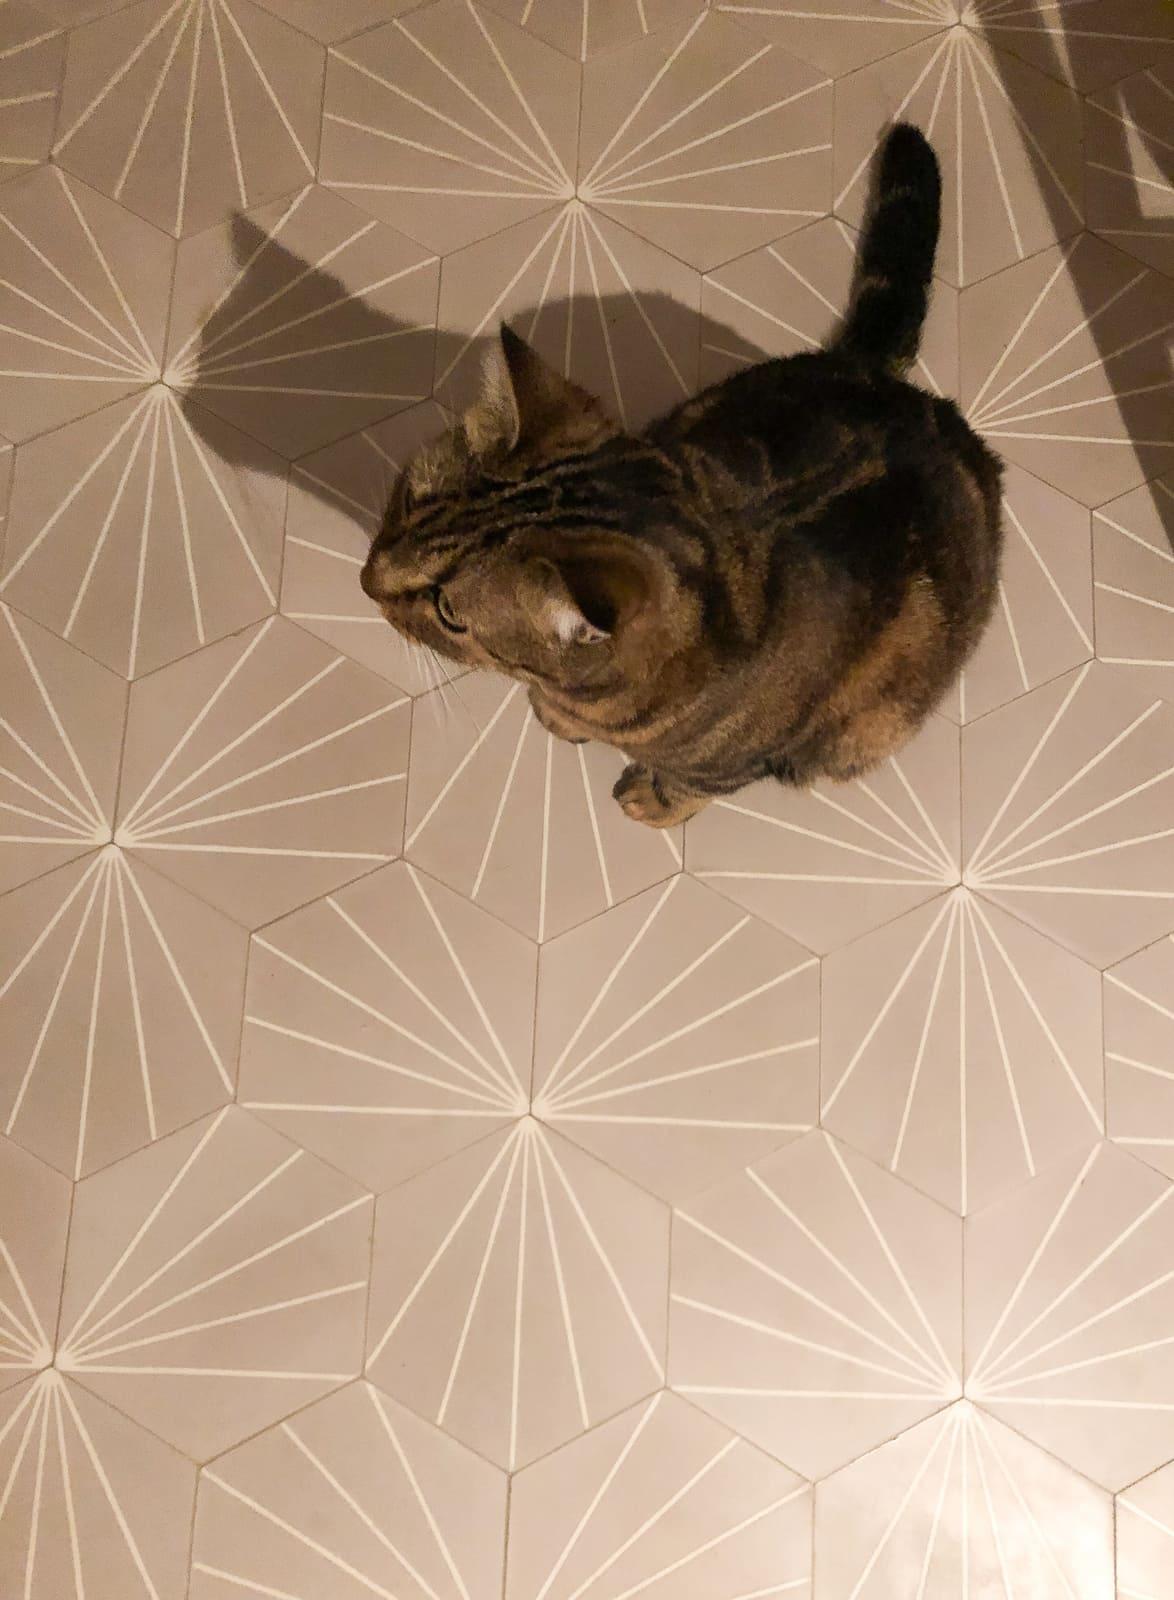 zementfliesen-viaplatten-zementmosaikplatte-sechseck-nr.600852 | 600852